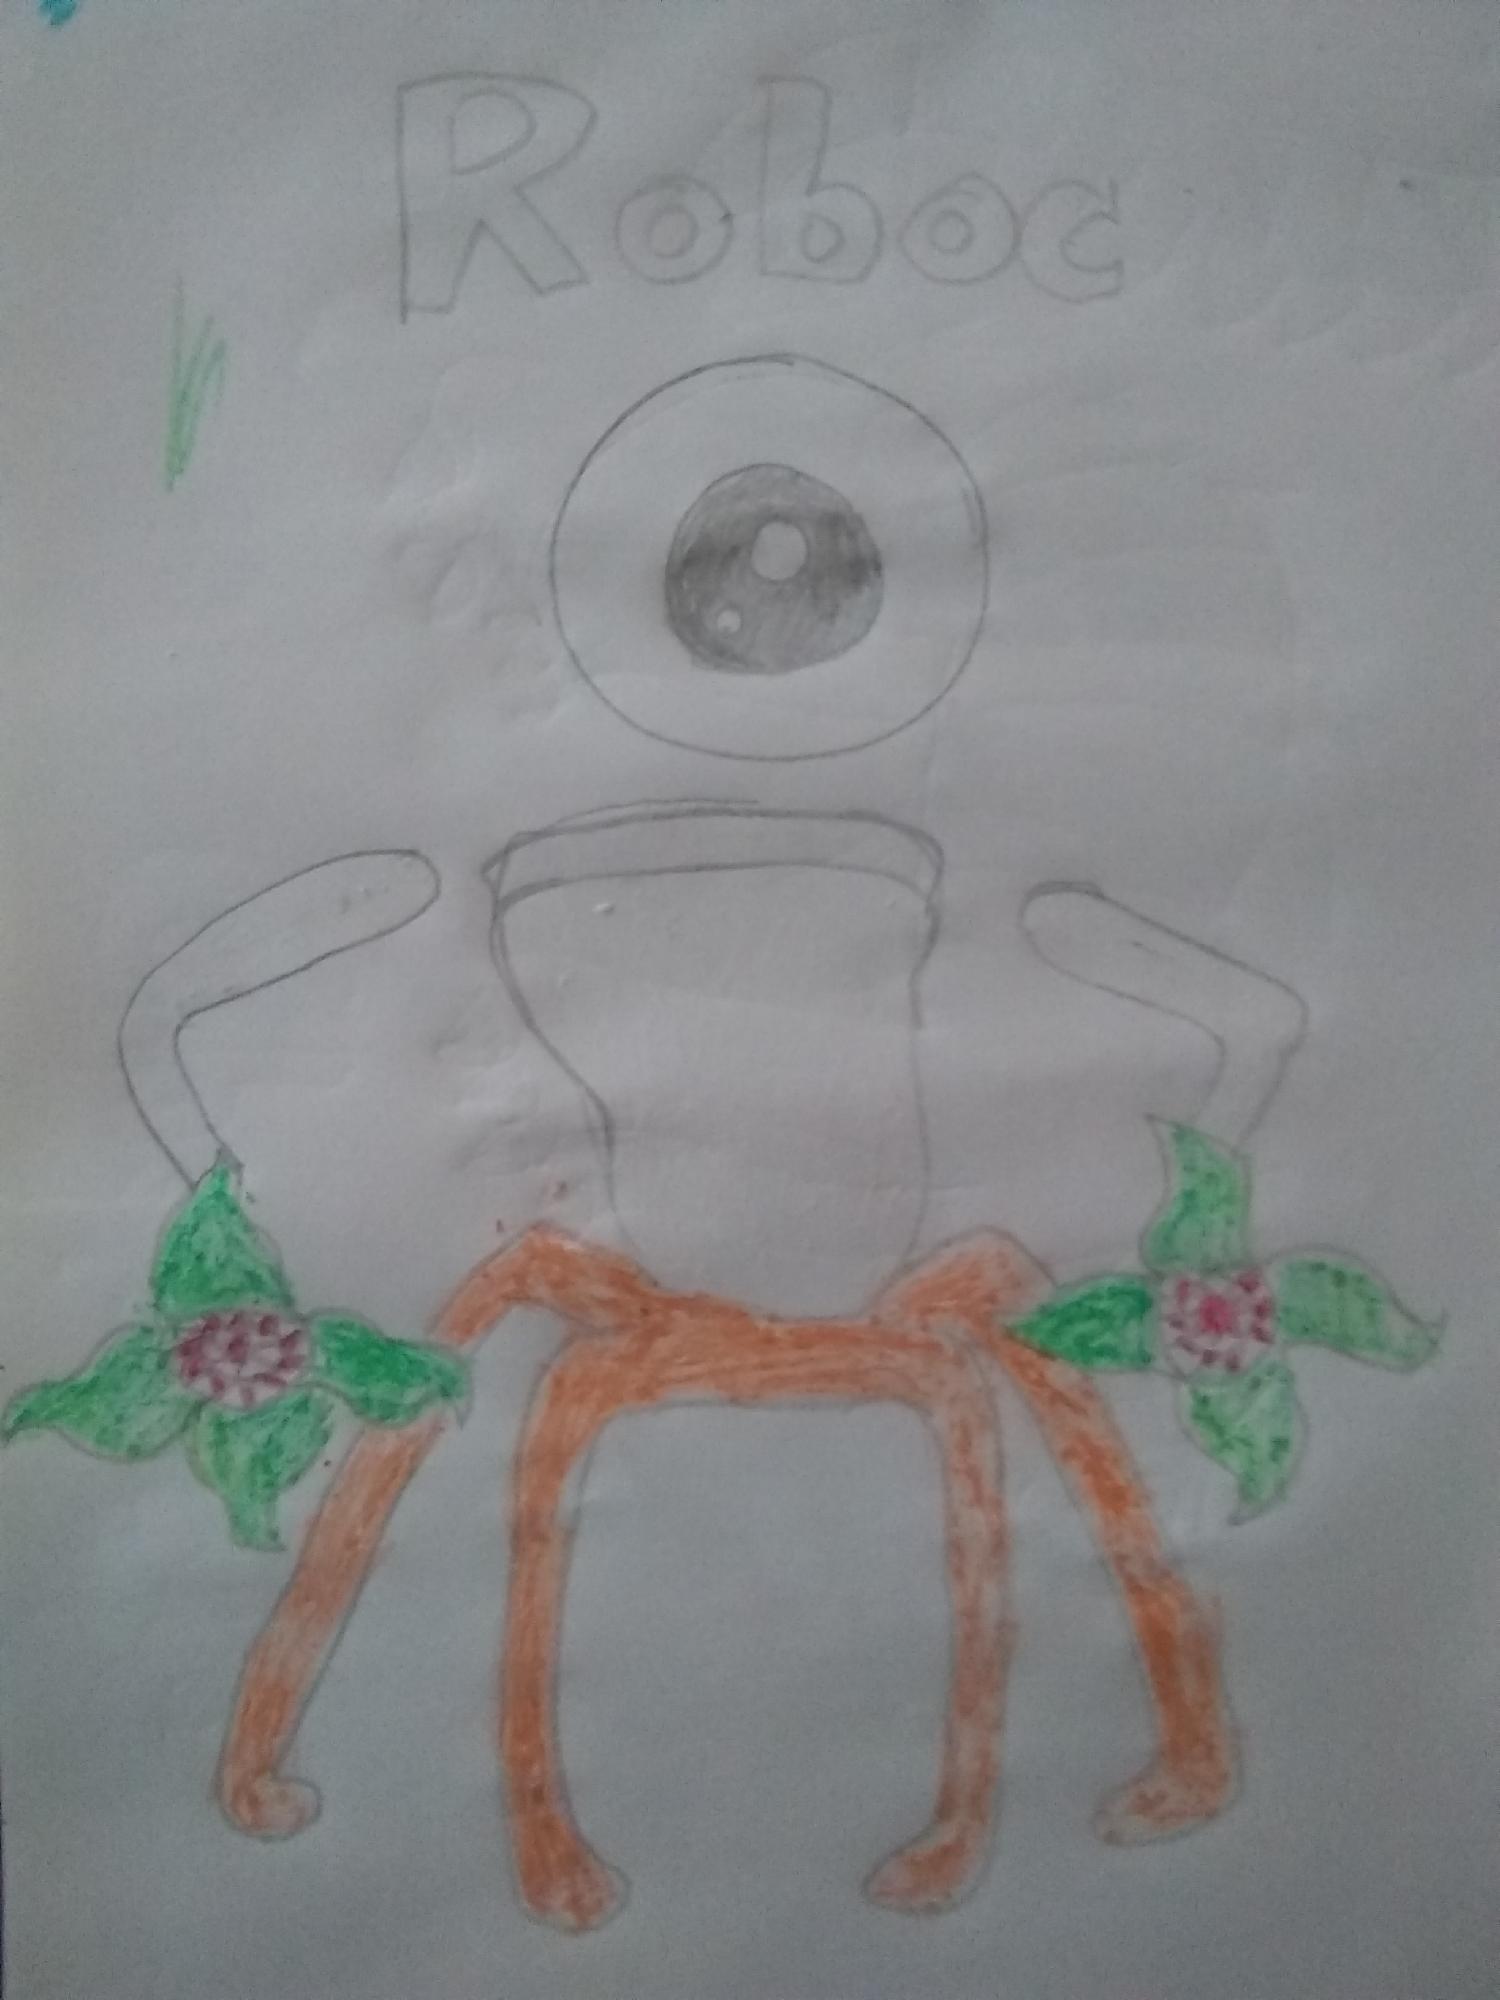 Roboc : Héroe de otro mundo Prologo